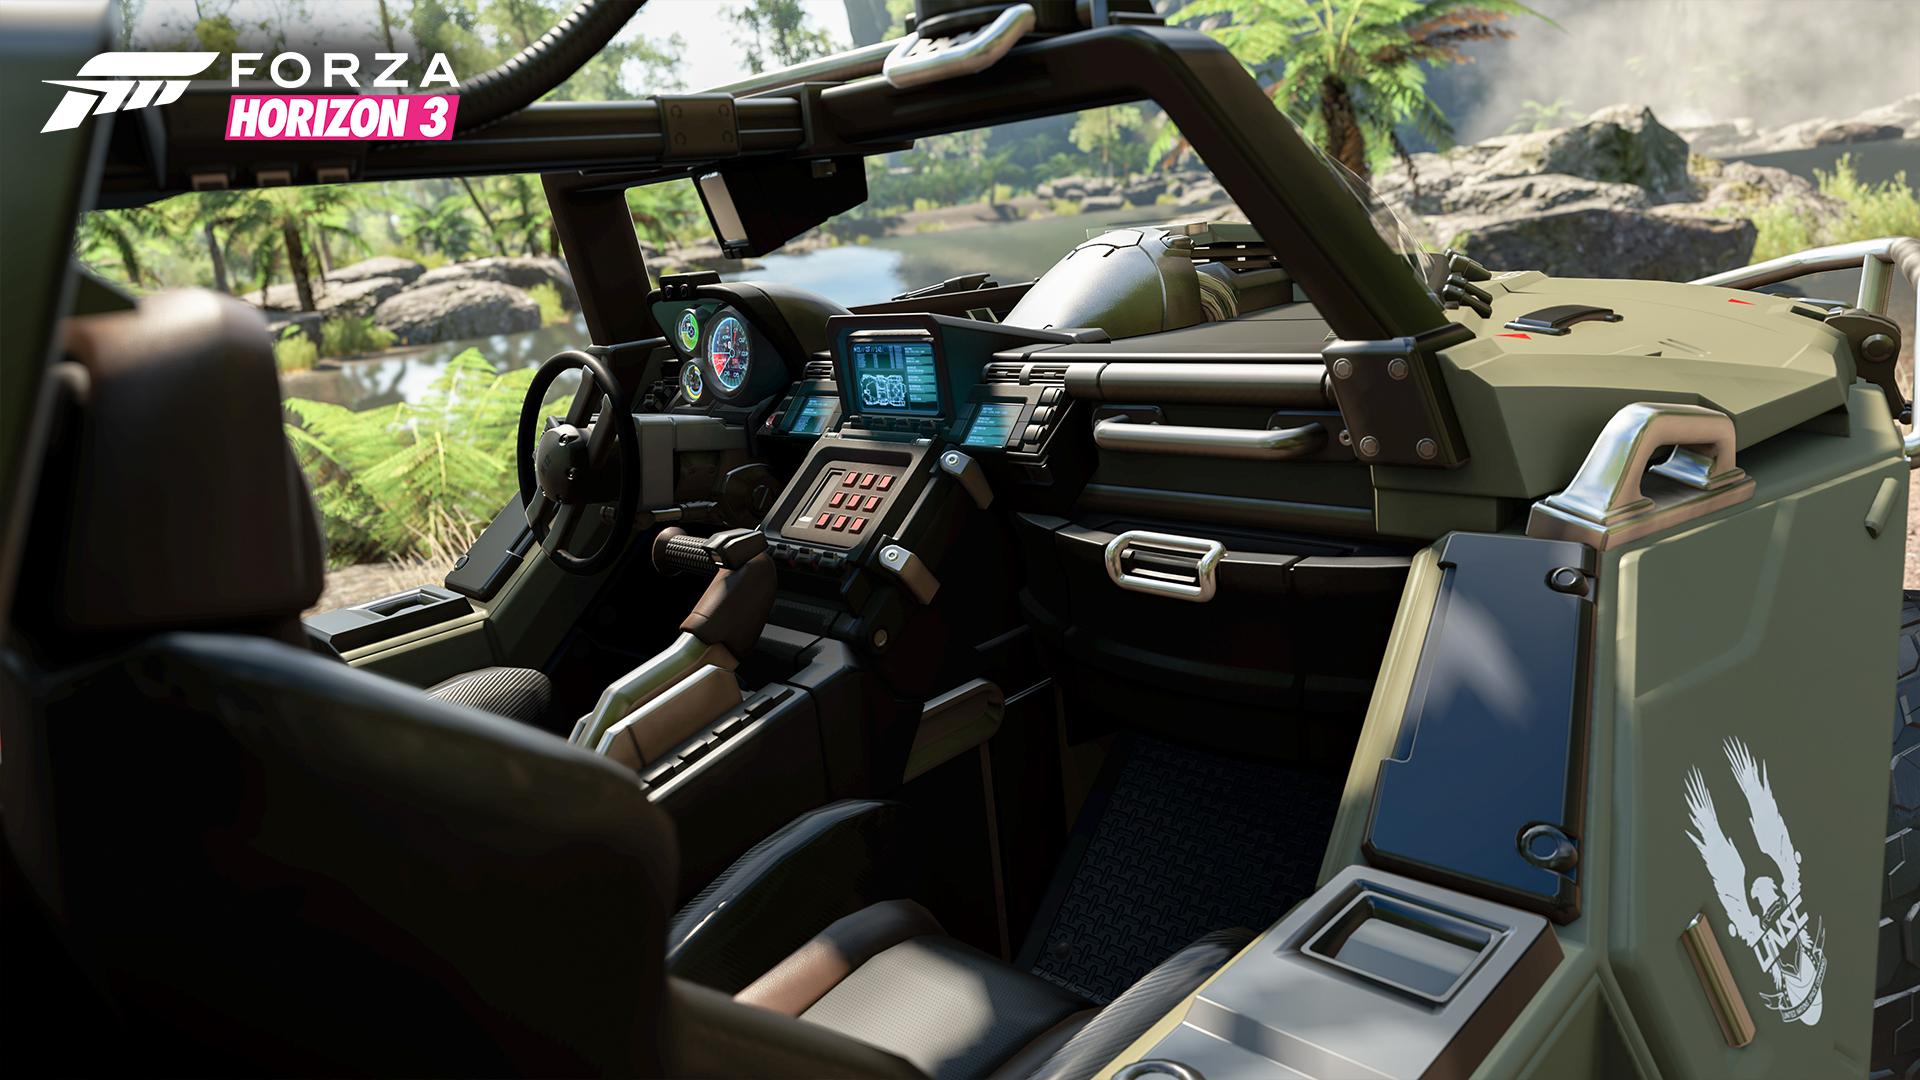 La démo de Forza Horizon 3 serait disponible le 12 septembre